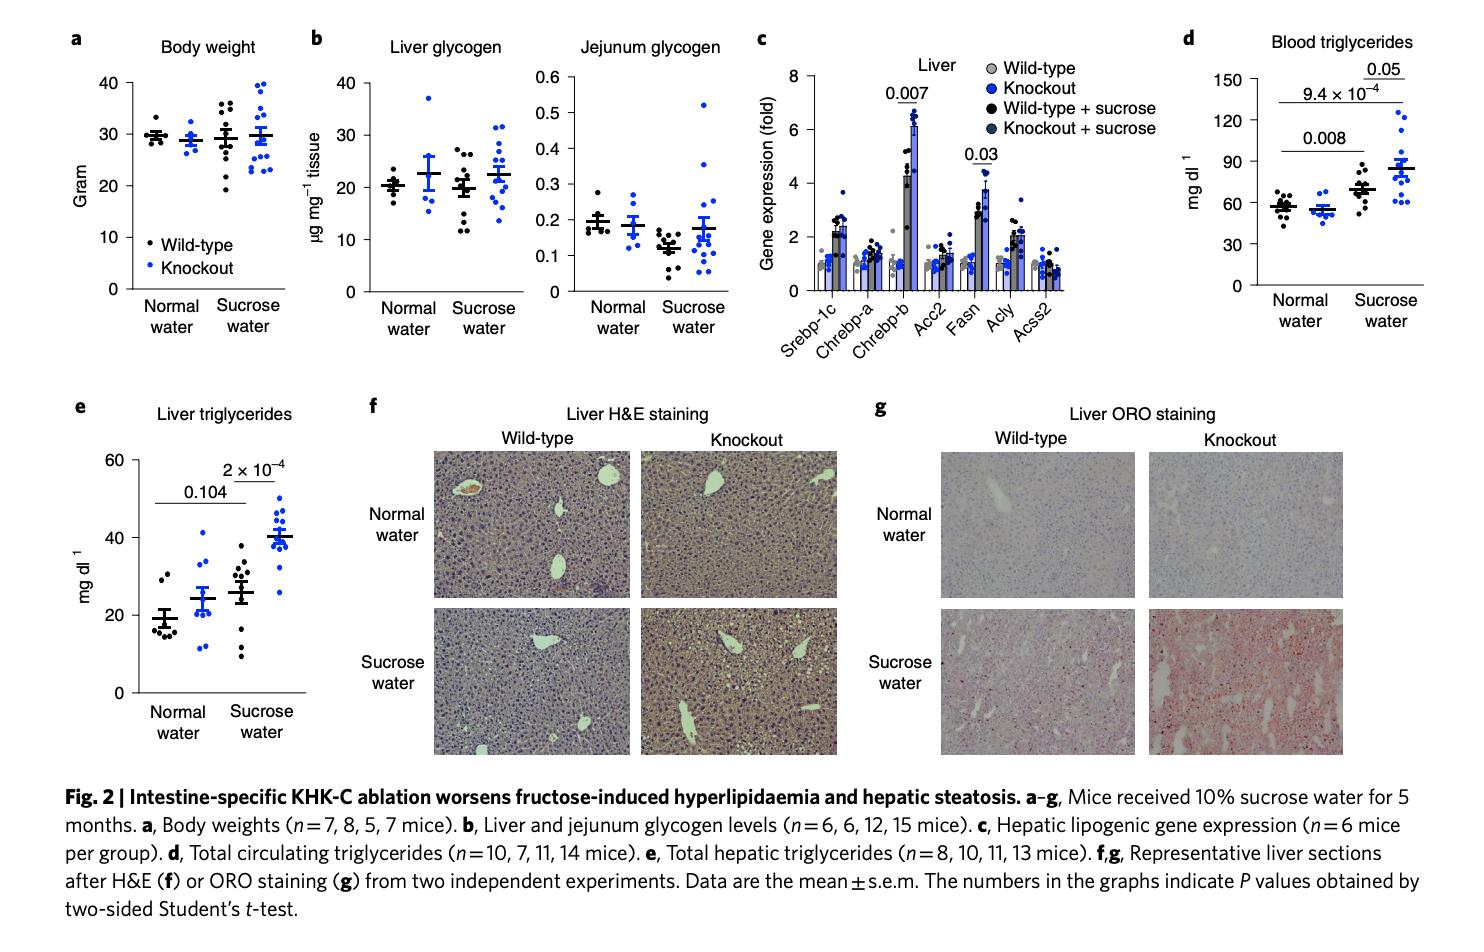 """Jang, Cholsoon, Shogo Wada, Steven Yang, Bridget Gosis, Xianfeng Zeng, Zhaoyue Zhang, Yihui Shen, Gina Lee, Zoltan Arany, and Joshua D. Rabinowitz. """"The Small Intestine Shields the Liver from Fructose-Induced Steatosis.""""  Nature Metabolism  2, no. 7 (July 2020): 586–93.  https://doi.org/10.1038/s42255-020-0222-9 ."""